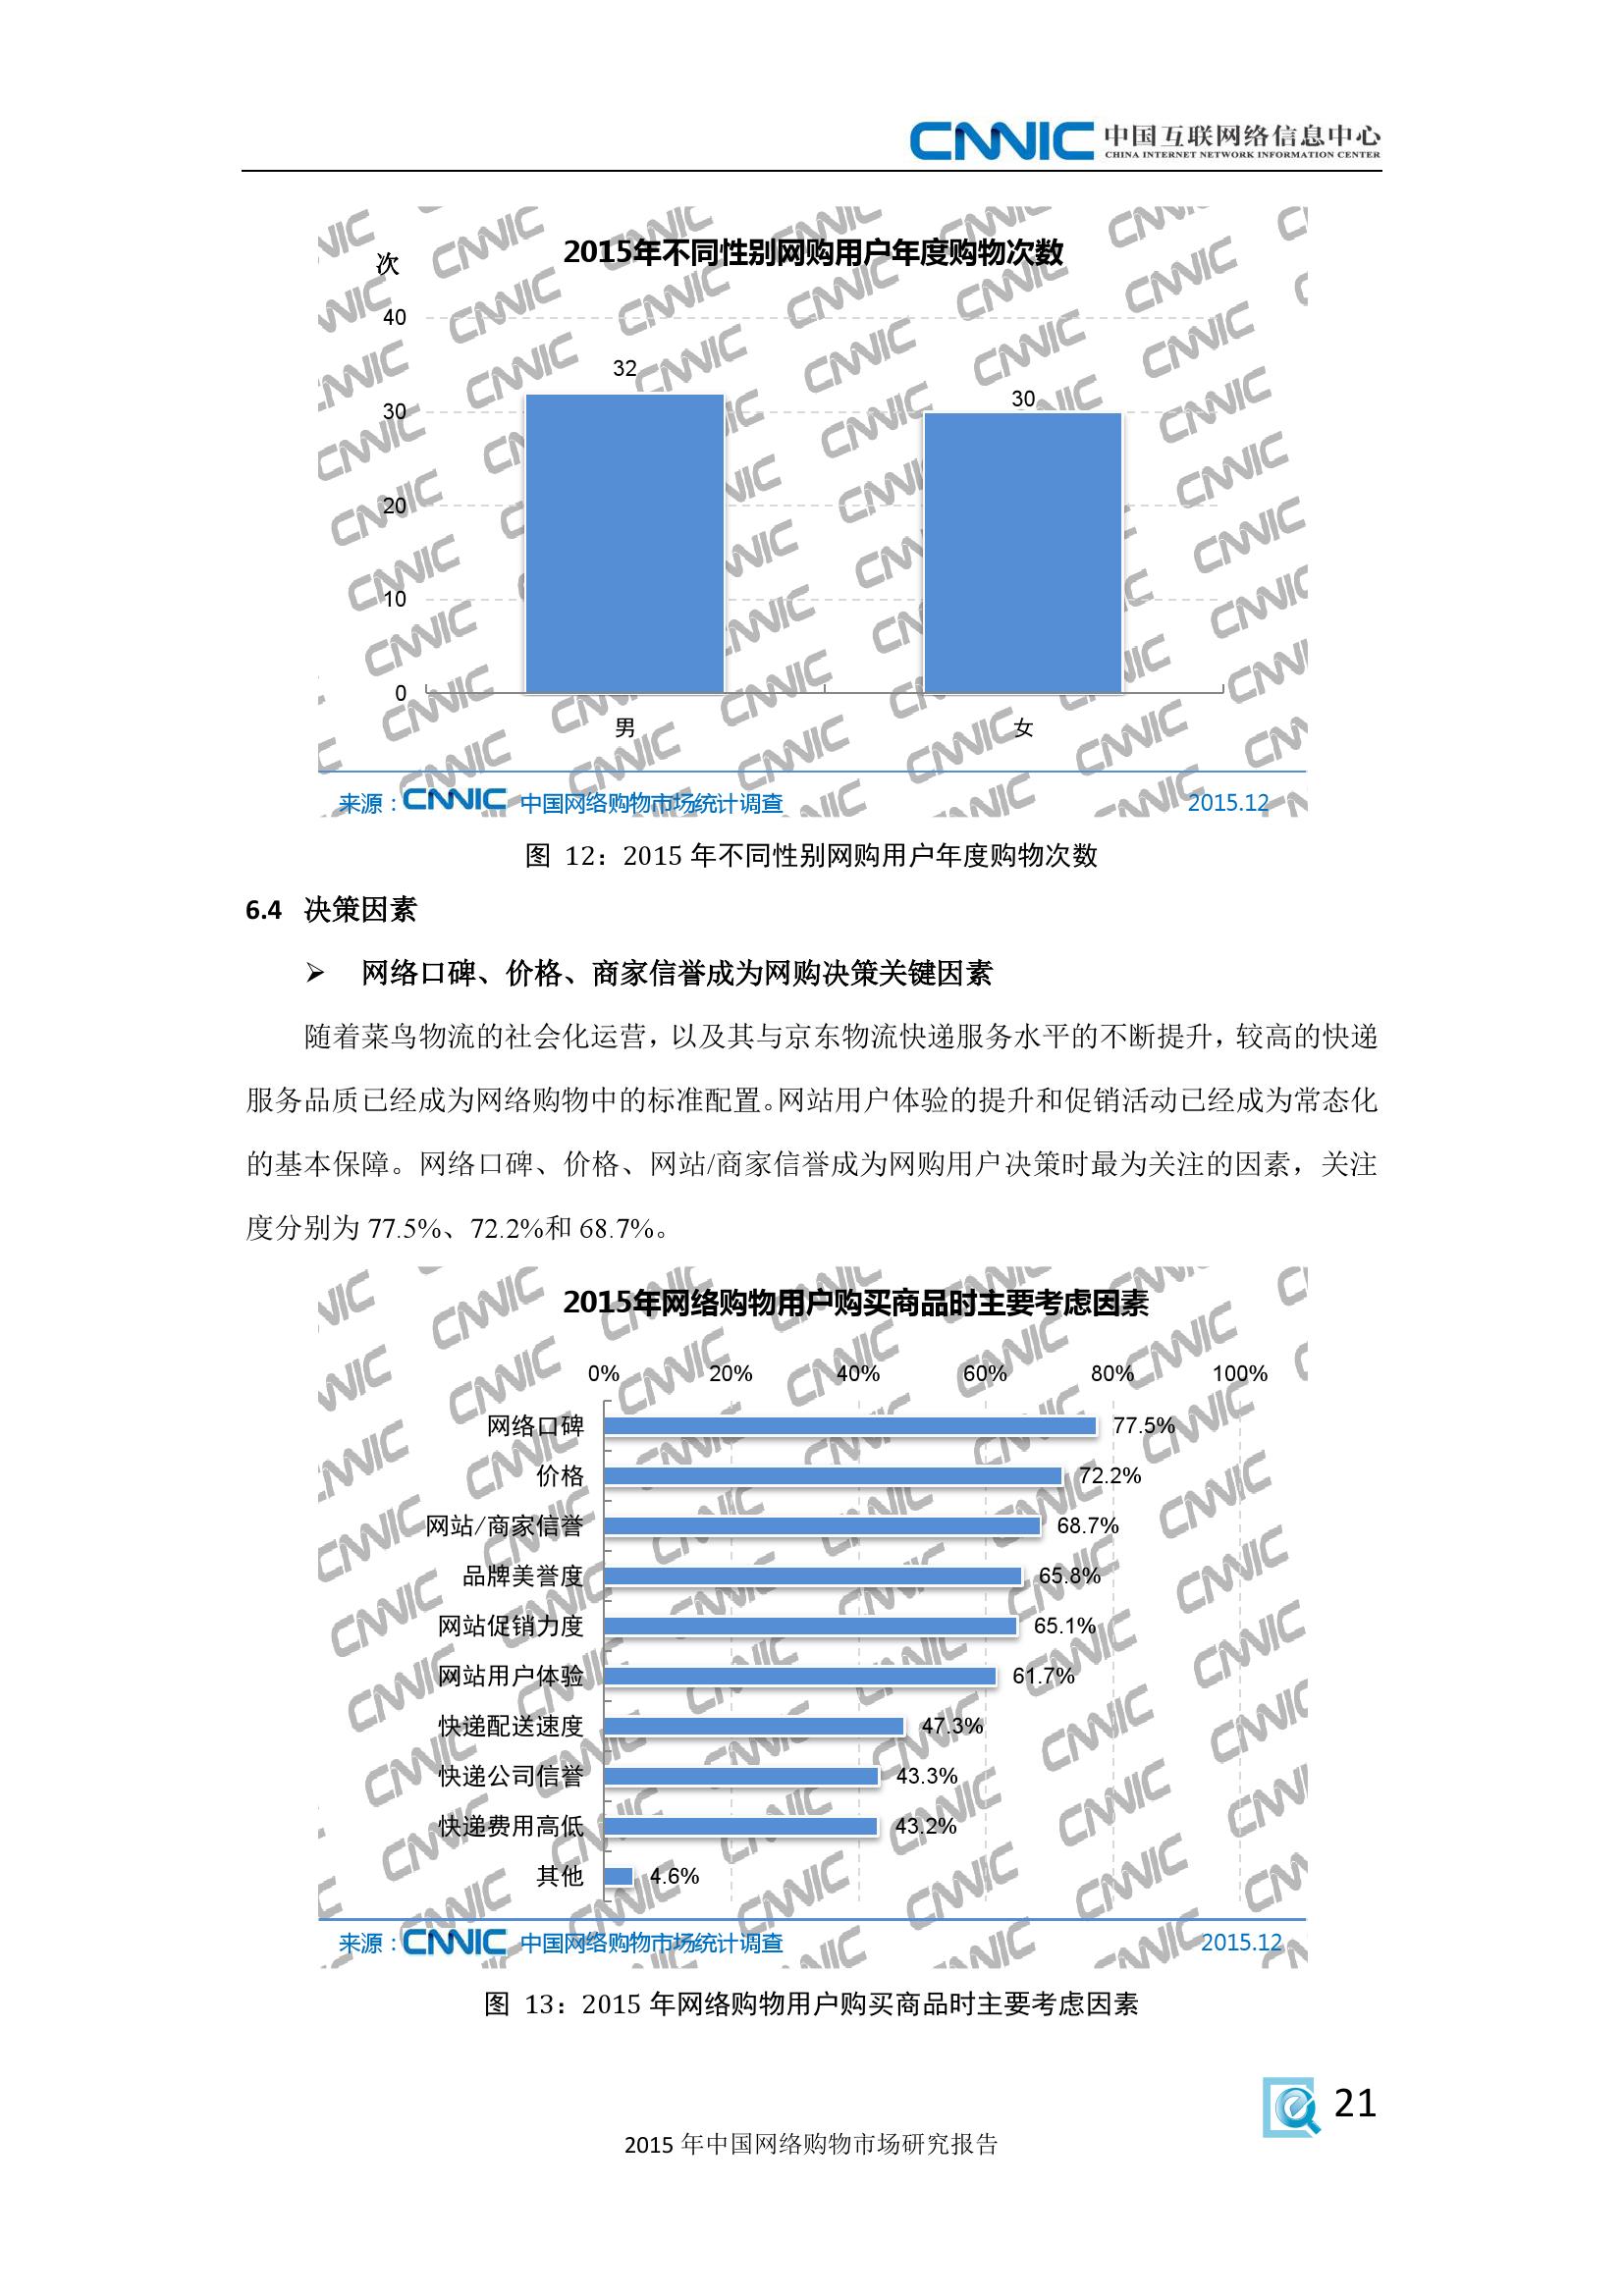 2015年中国网络购物市场研究报告_000029